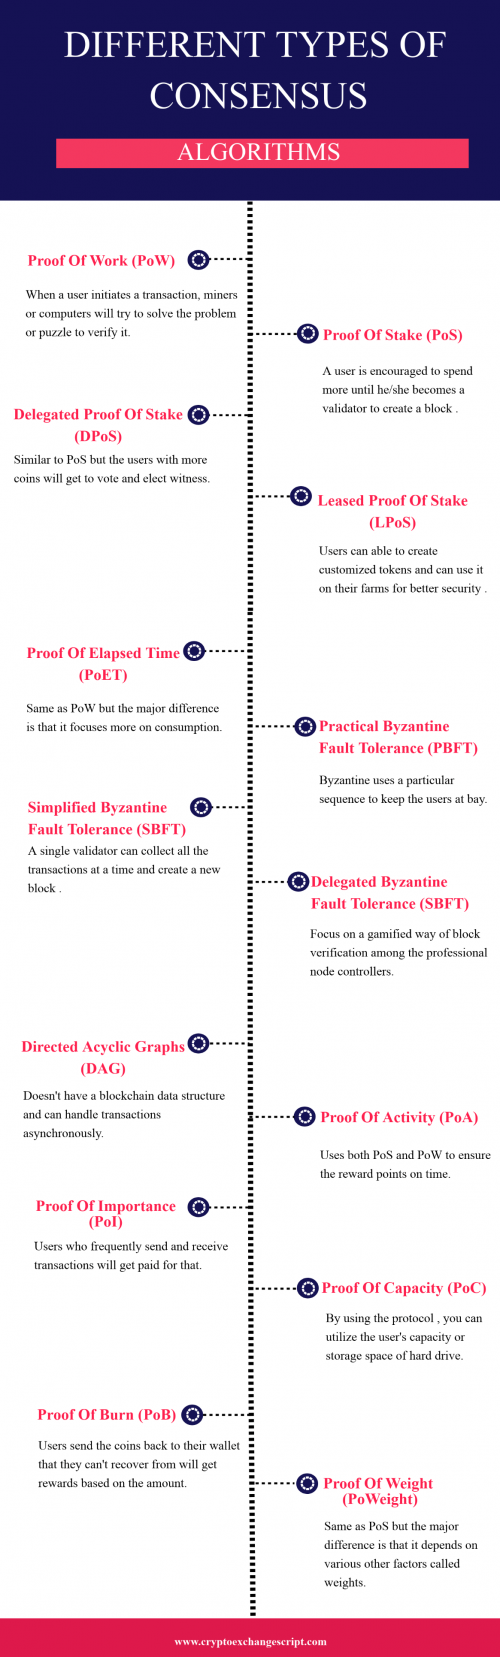 Consensus Algorithms in Blockchain